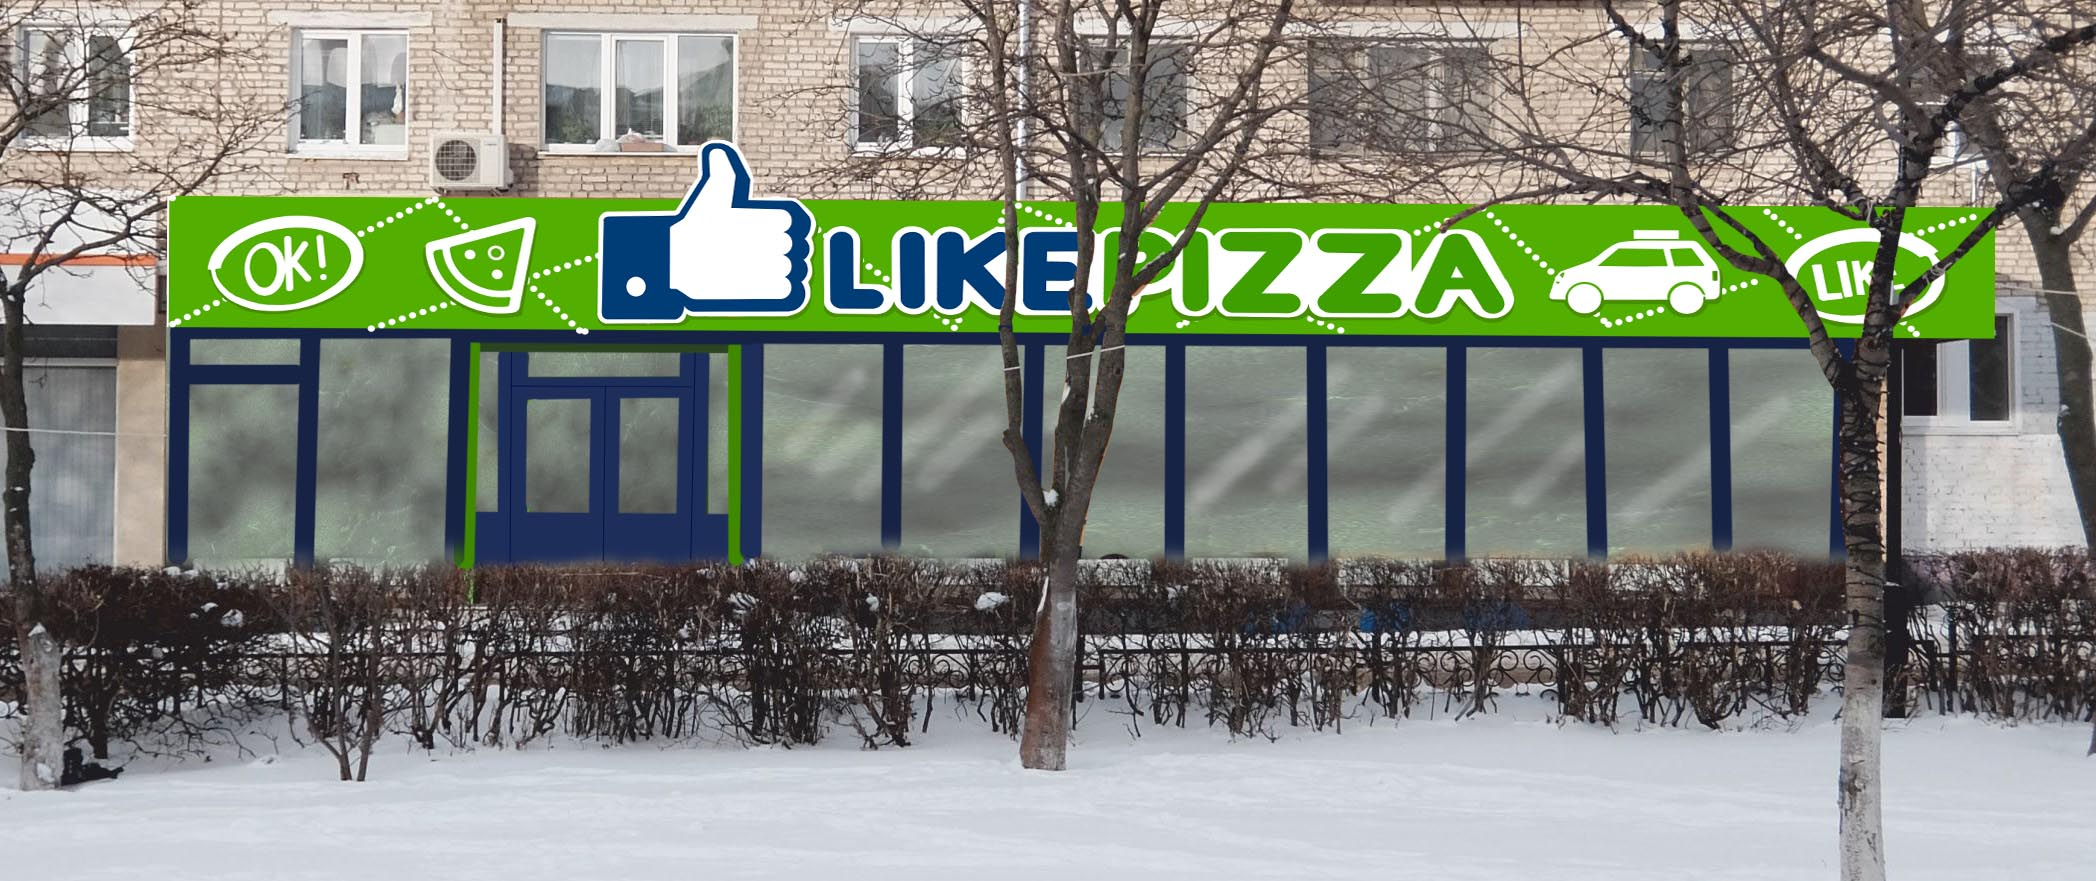 Дизайн уличного козырька с вывеской для пиццерии фото f_1715873f9519d4c6.jpg